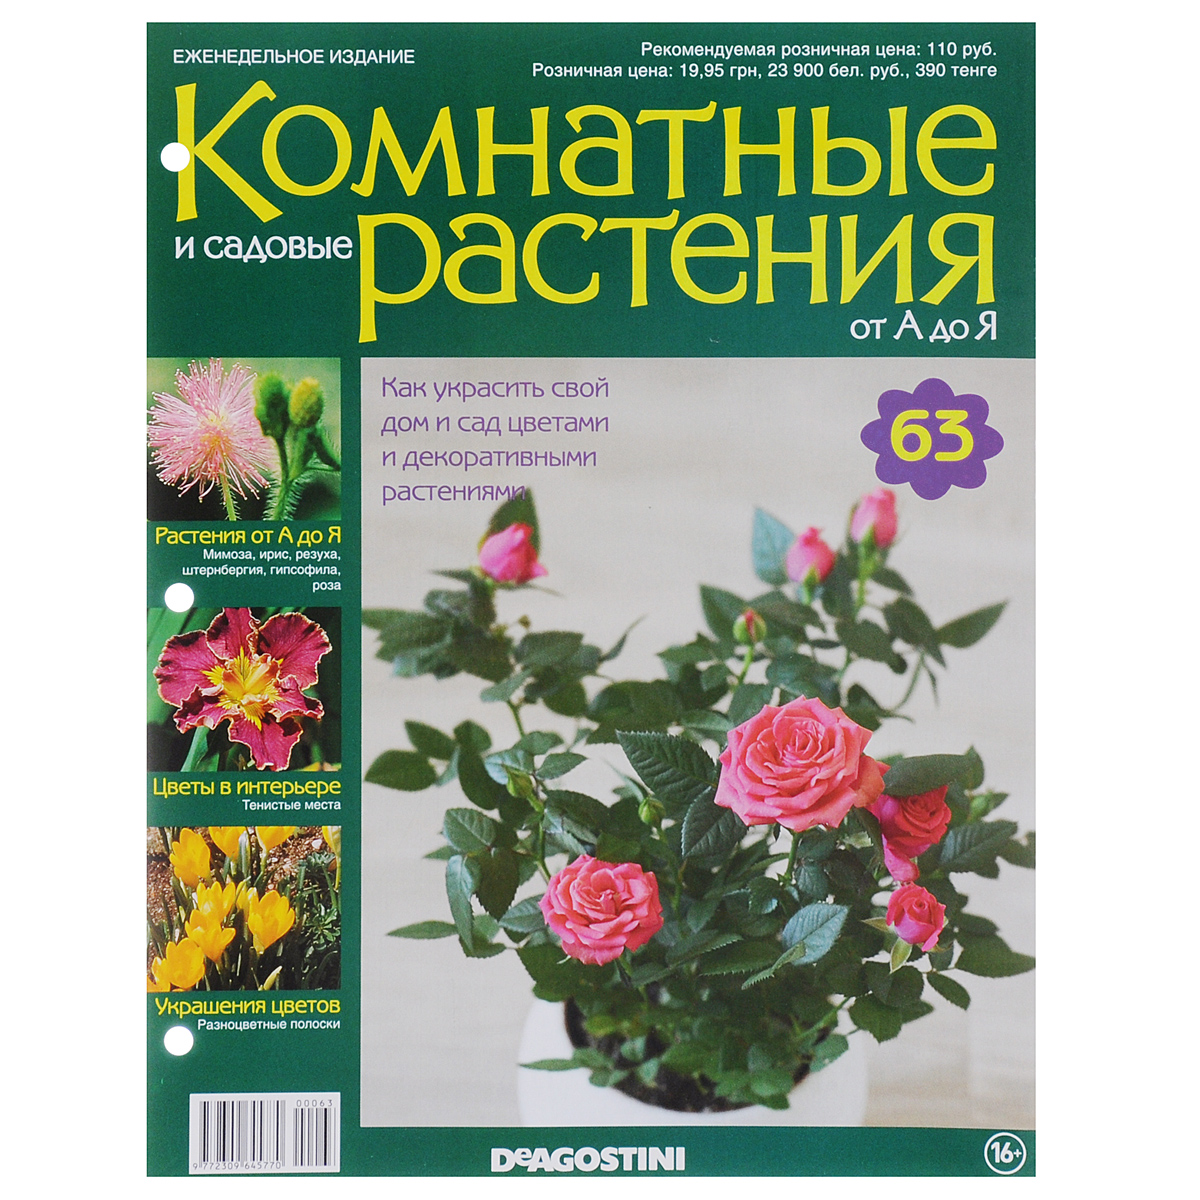 Журнал Комнатные и садовые растения. От А до Я №63 александр базель отадоя ая